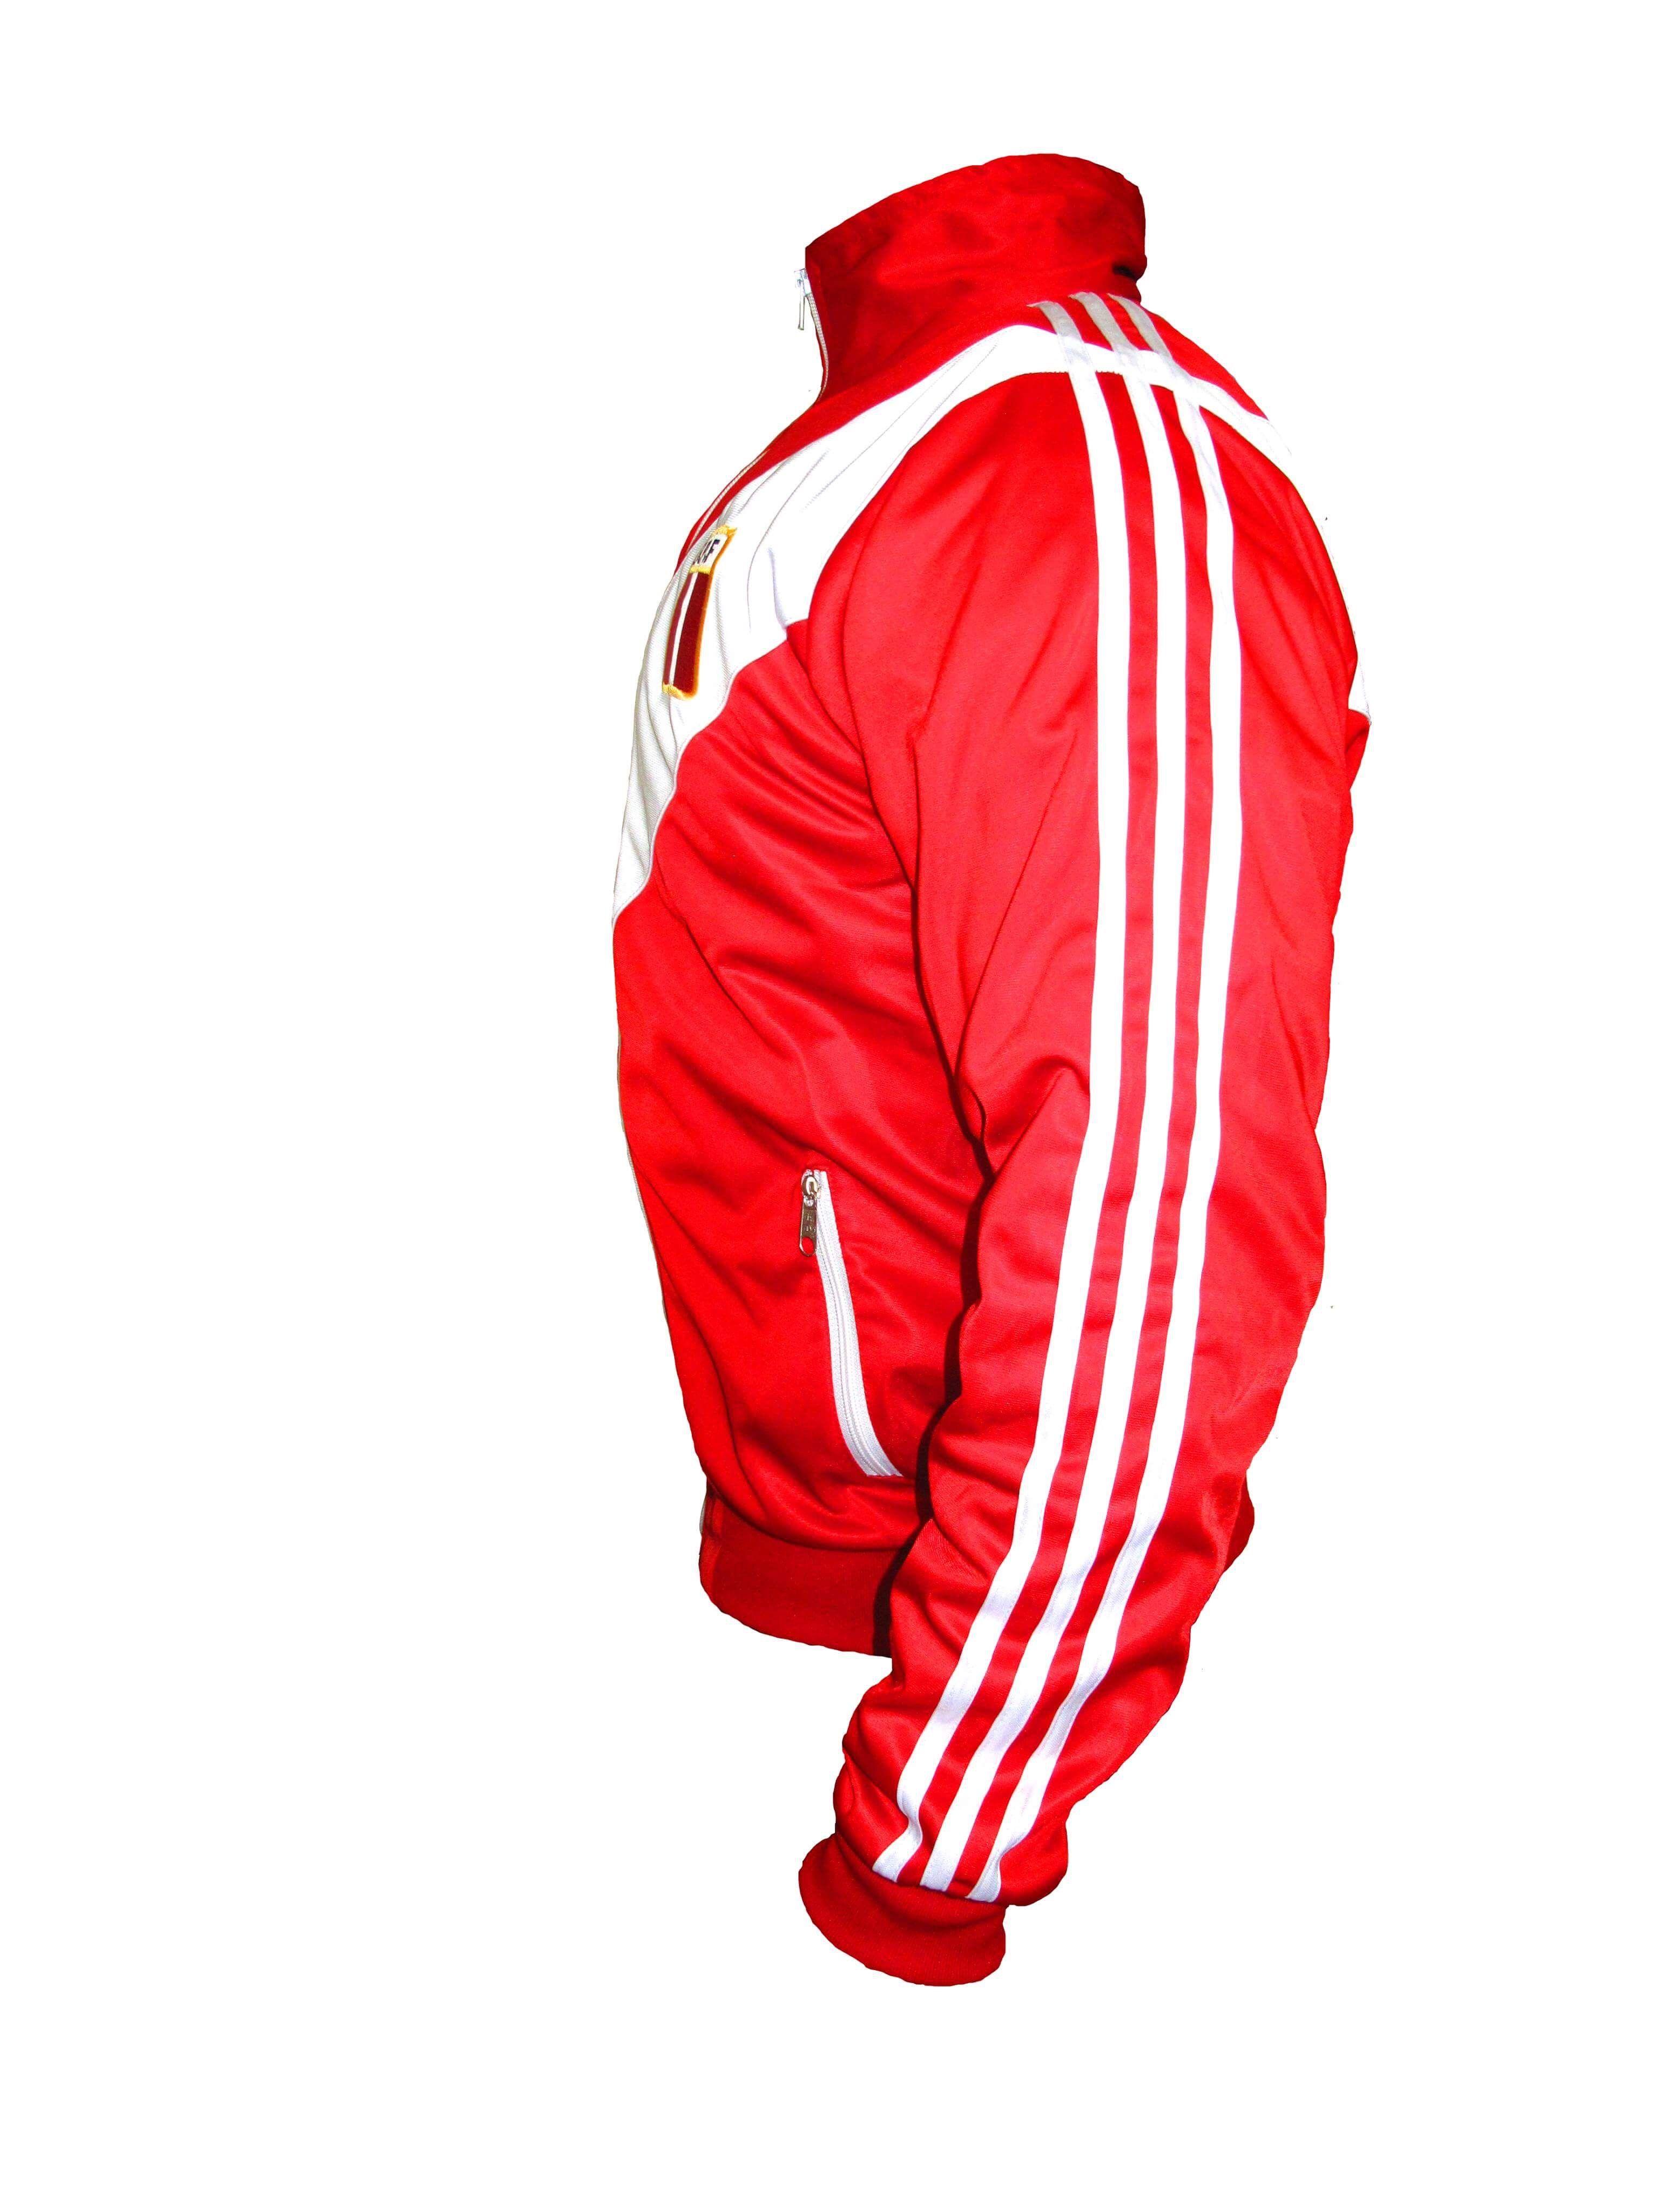 70a3a1fb9e7 Adidas Peru national team soccer jersey World Cup ARGENTINA 78 ...